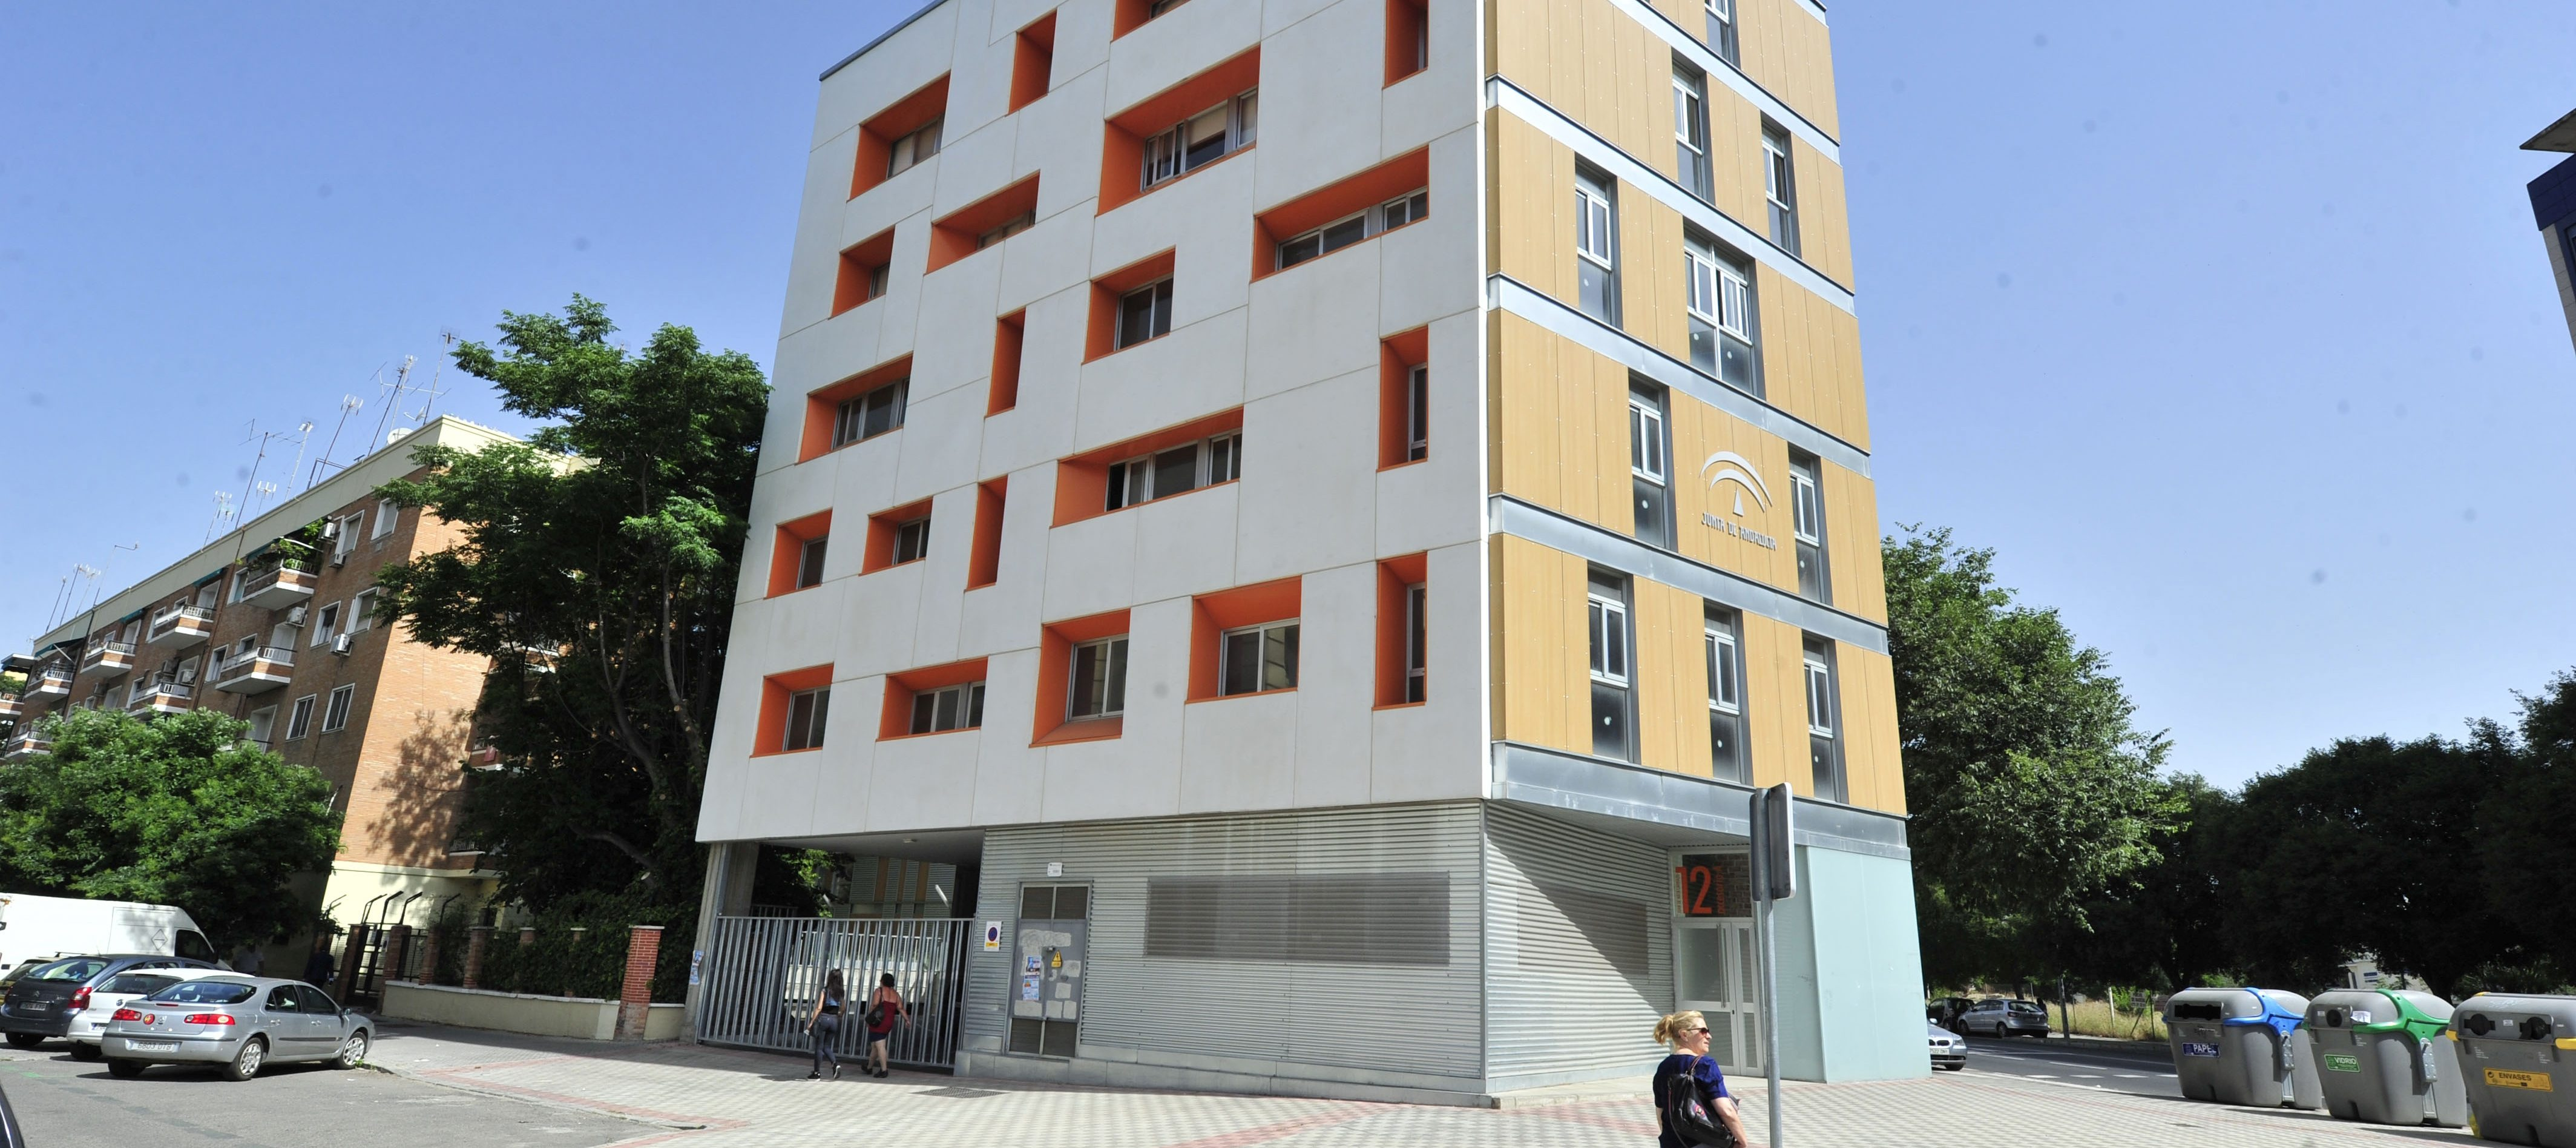 Un desahucio cada día para liberar viviendas sociales de los ocupas